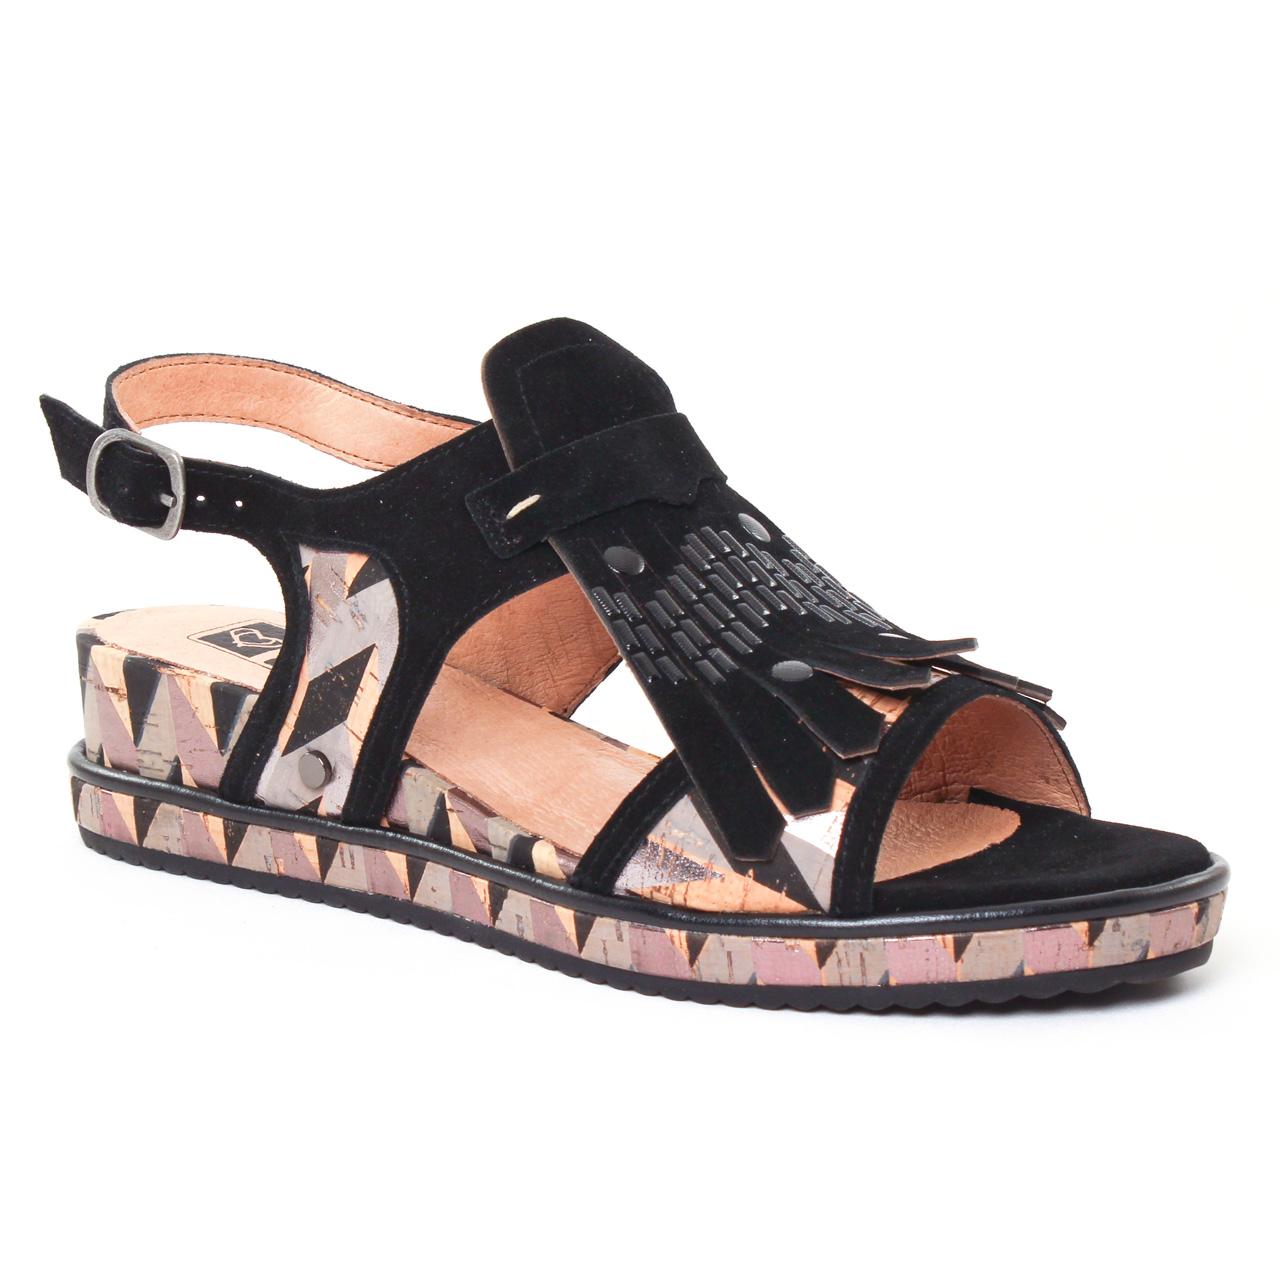 mamzelle sadika noir sandale compens es multicolore printemps t chez trois par 3. Black Bedroom Furniture Sets. Home Design Ideas